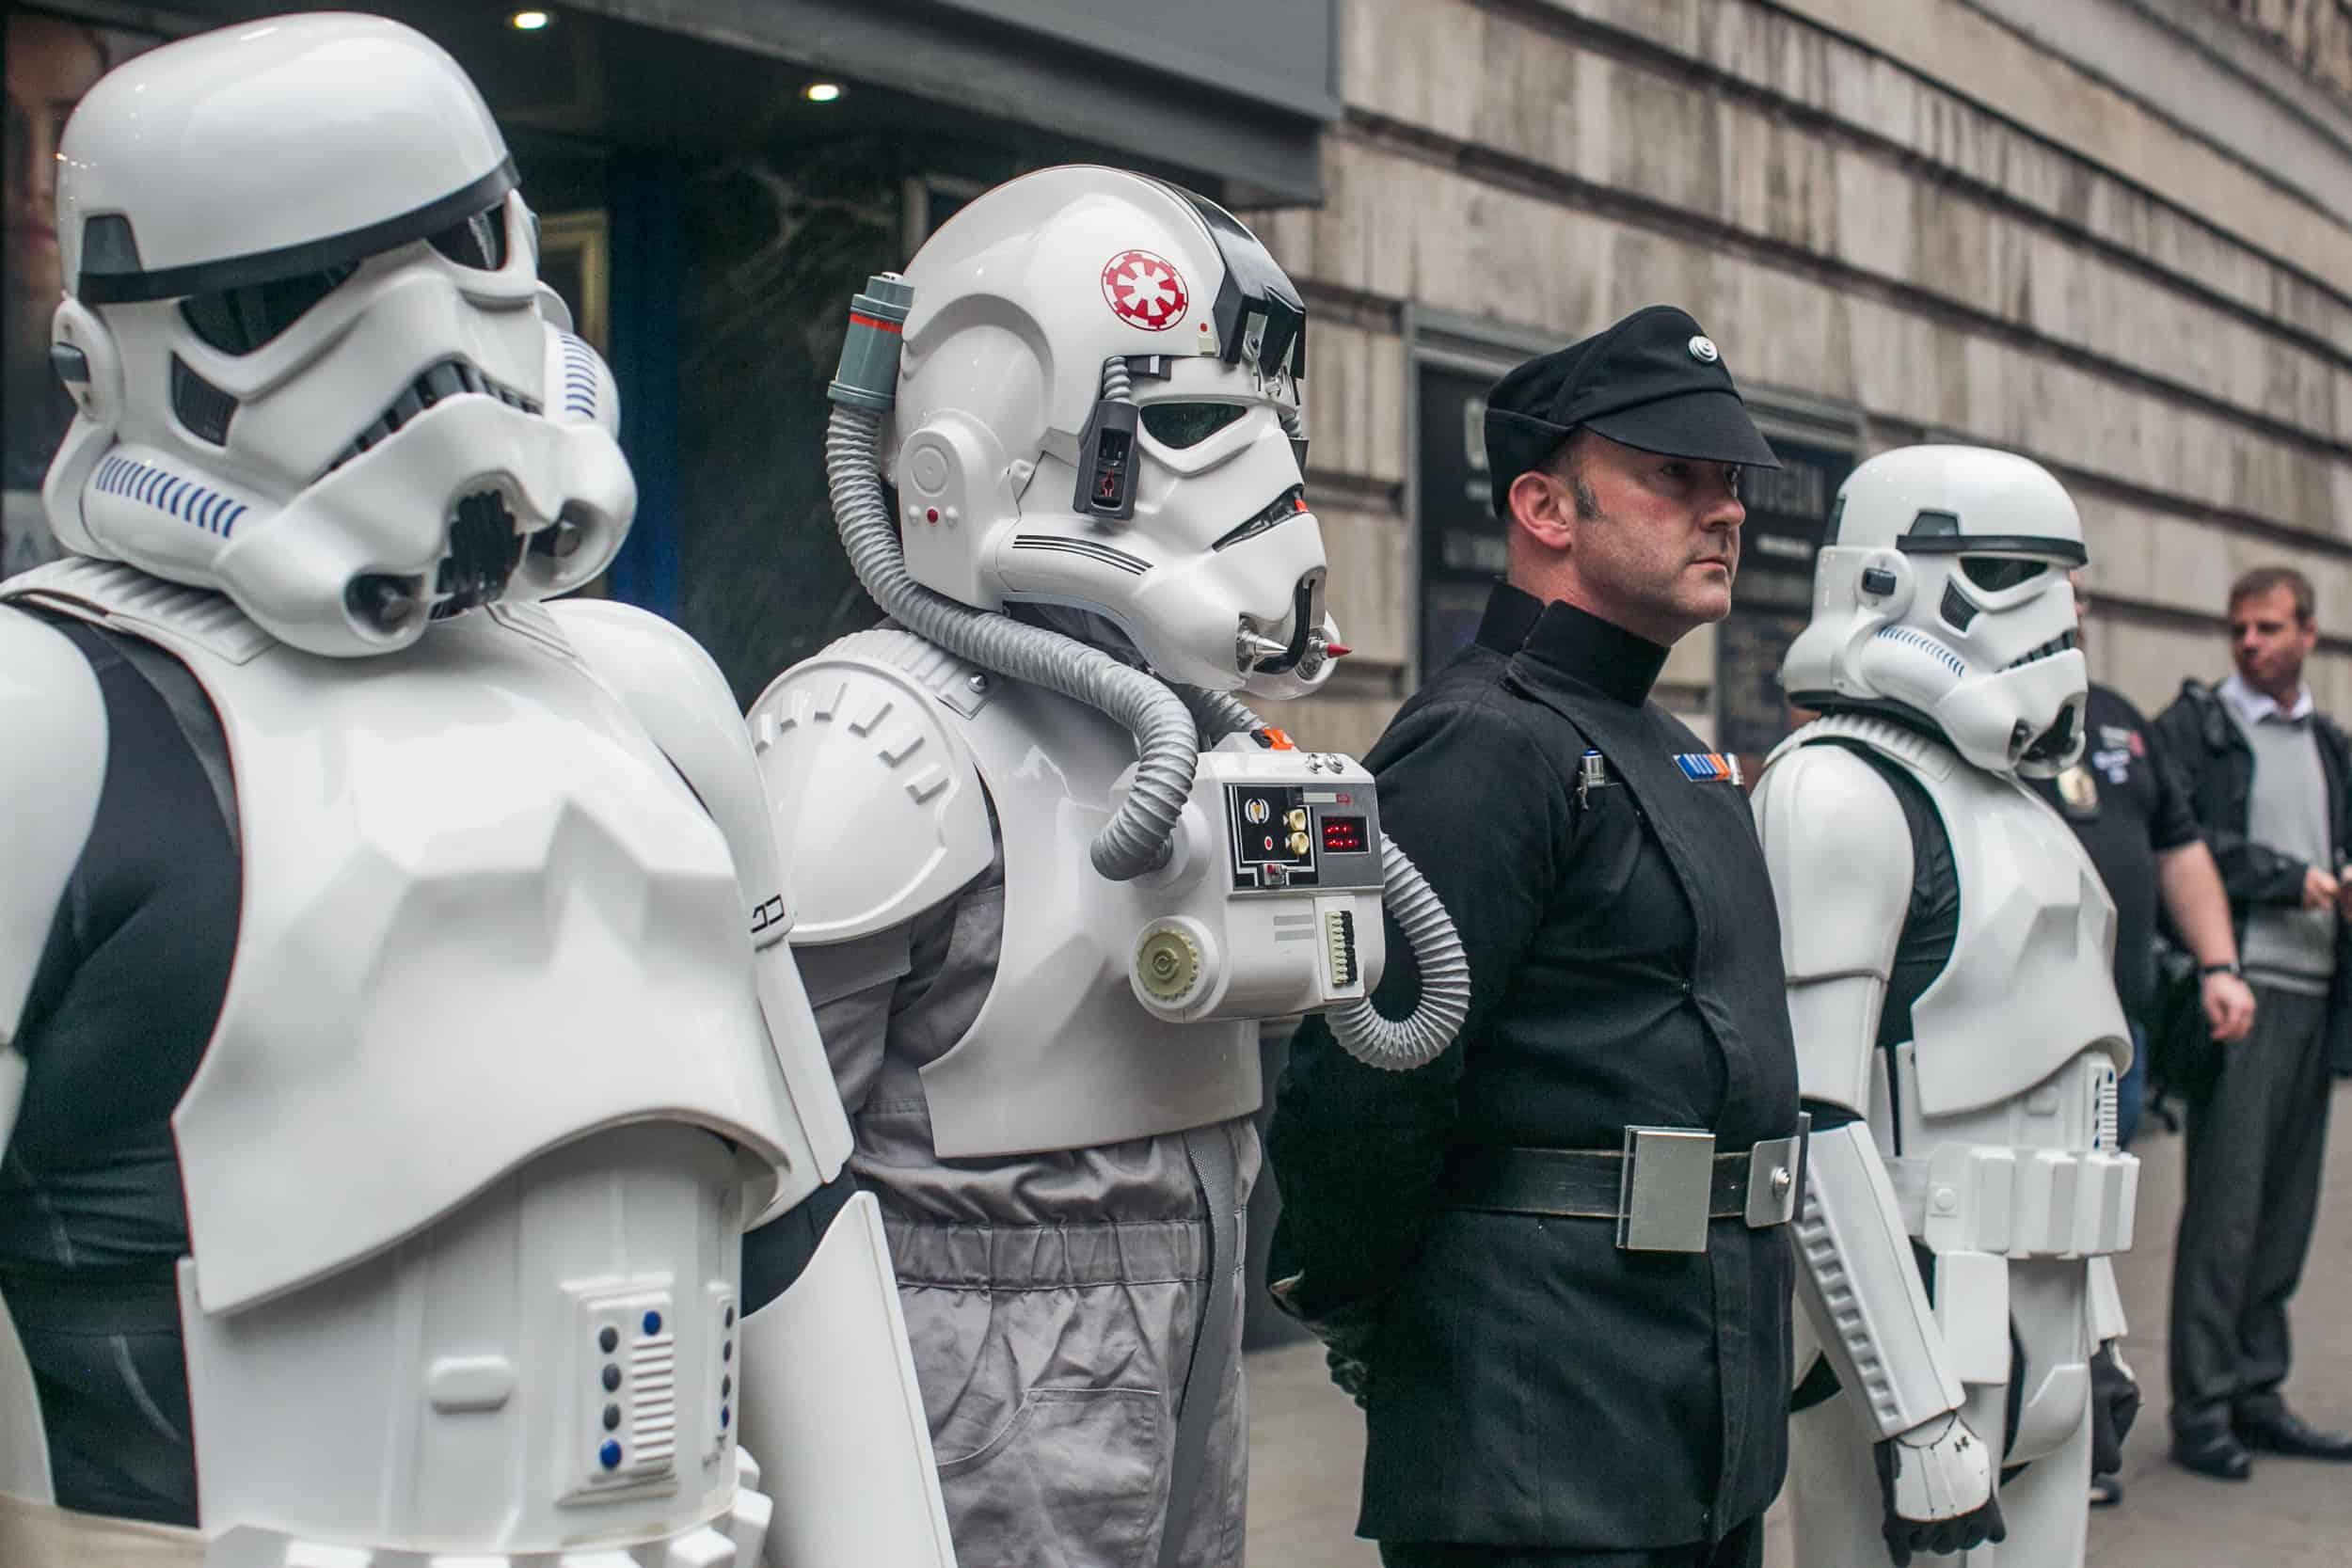 servium star wars cosplay